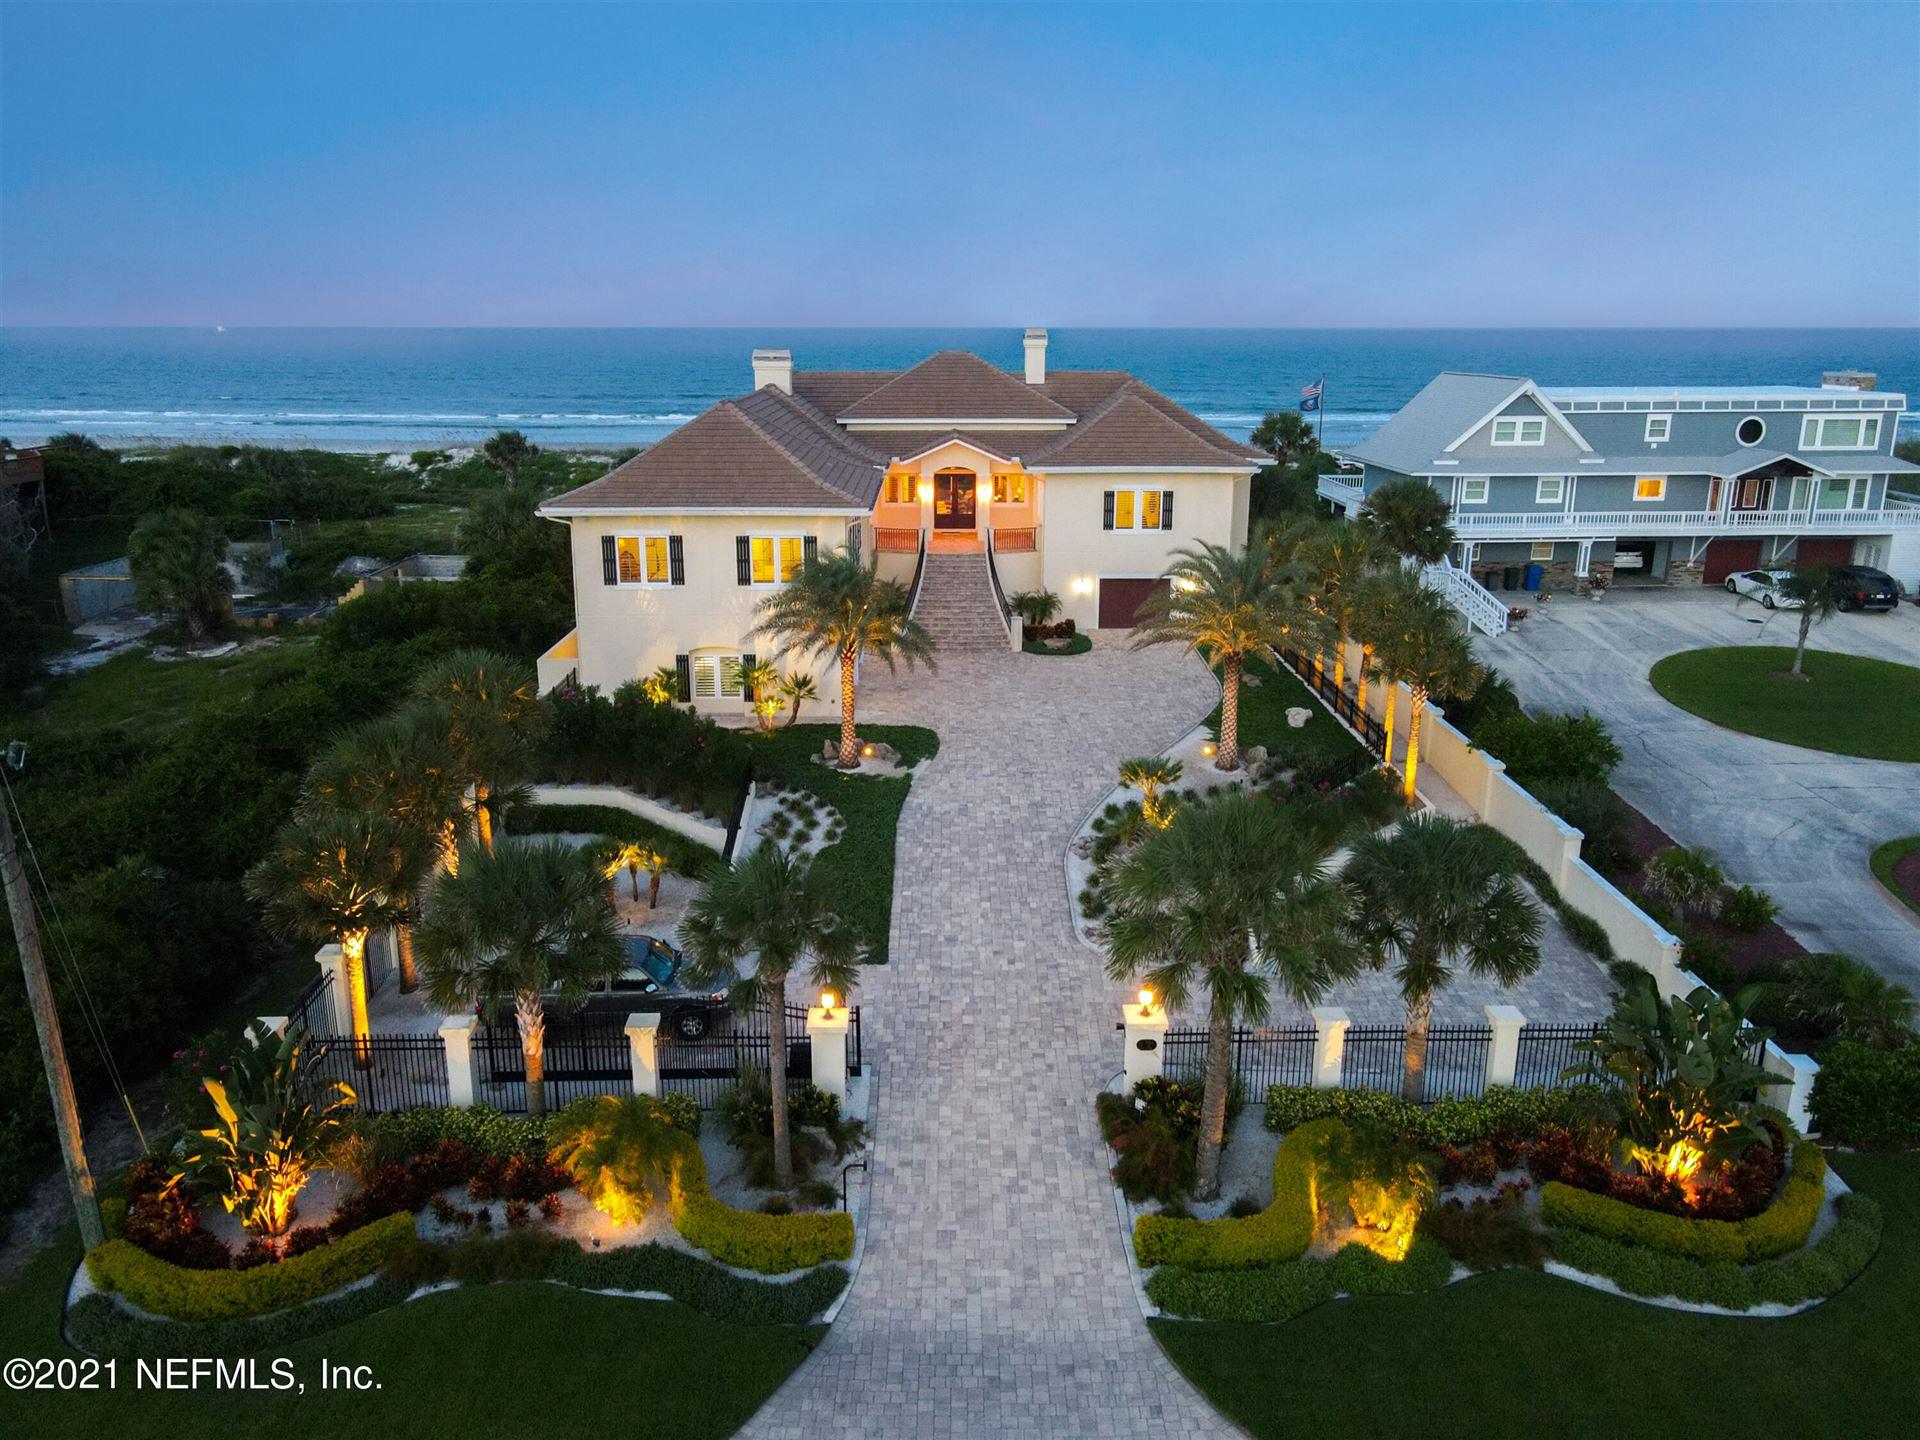 7454 A1A S                                                                               Saint Augustine                                                                      , FL - $4,750,000